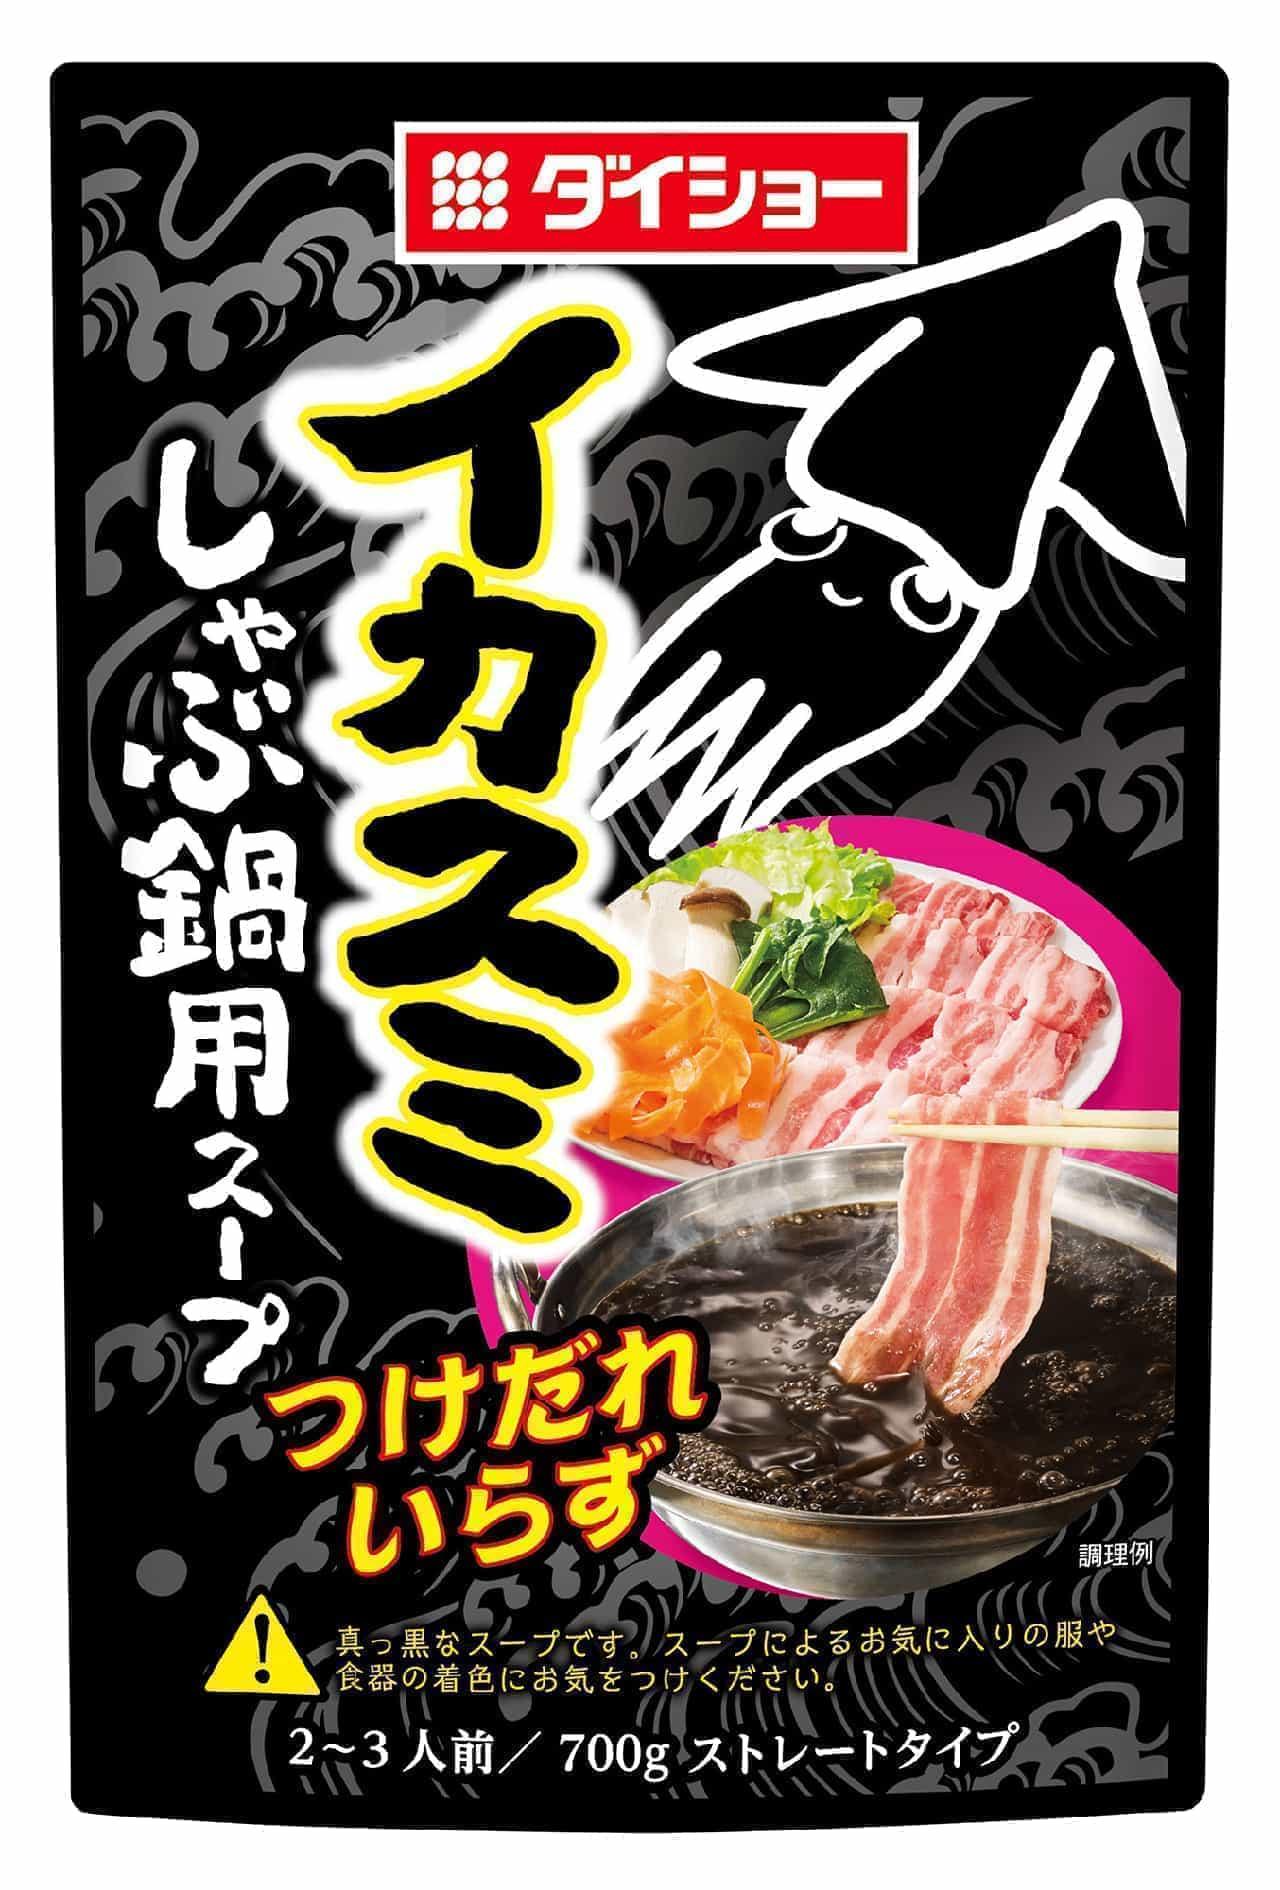 ダイショー「イカスミしゃぶ鍋用スープ」